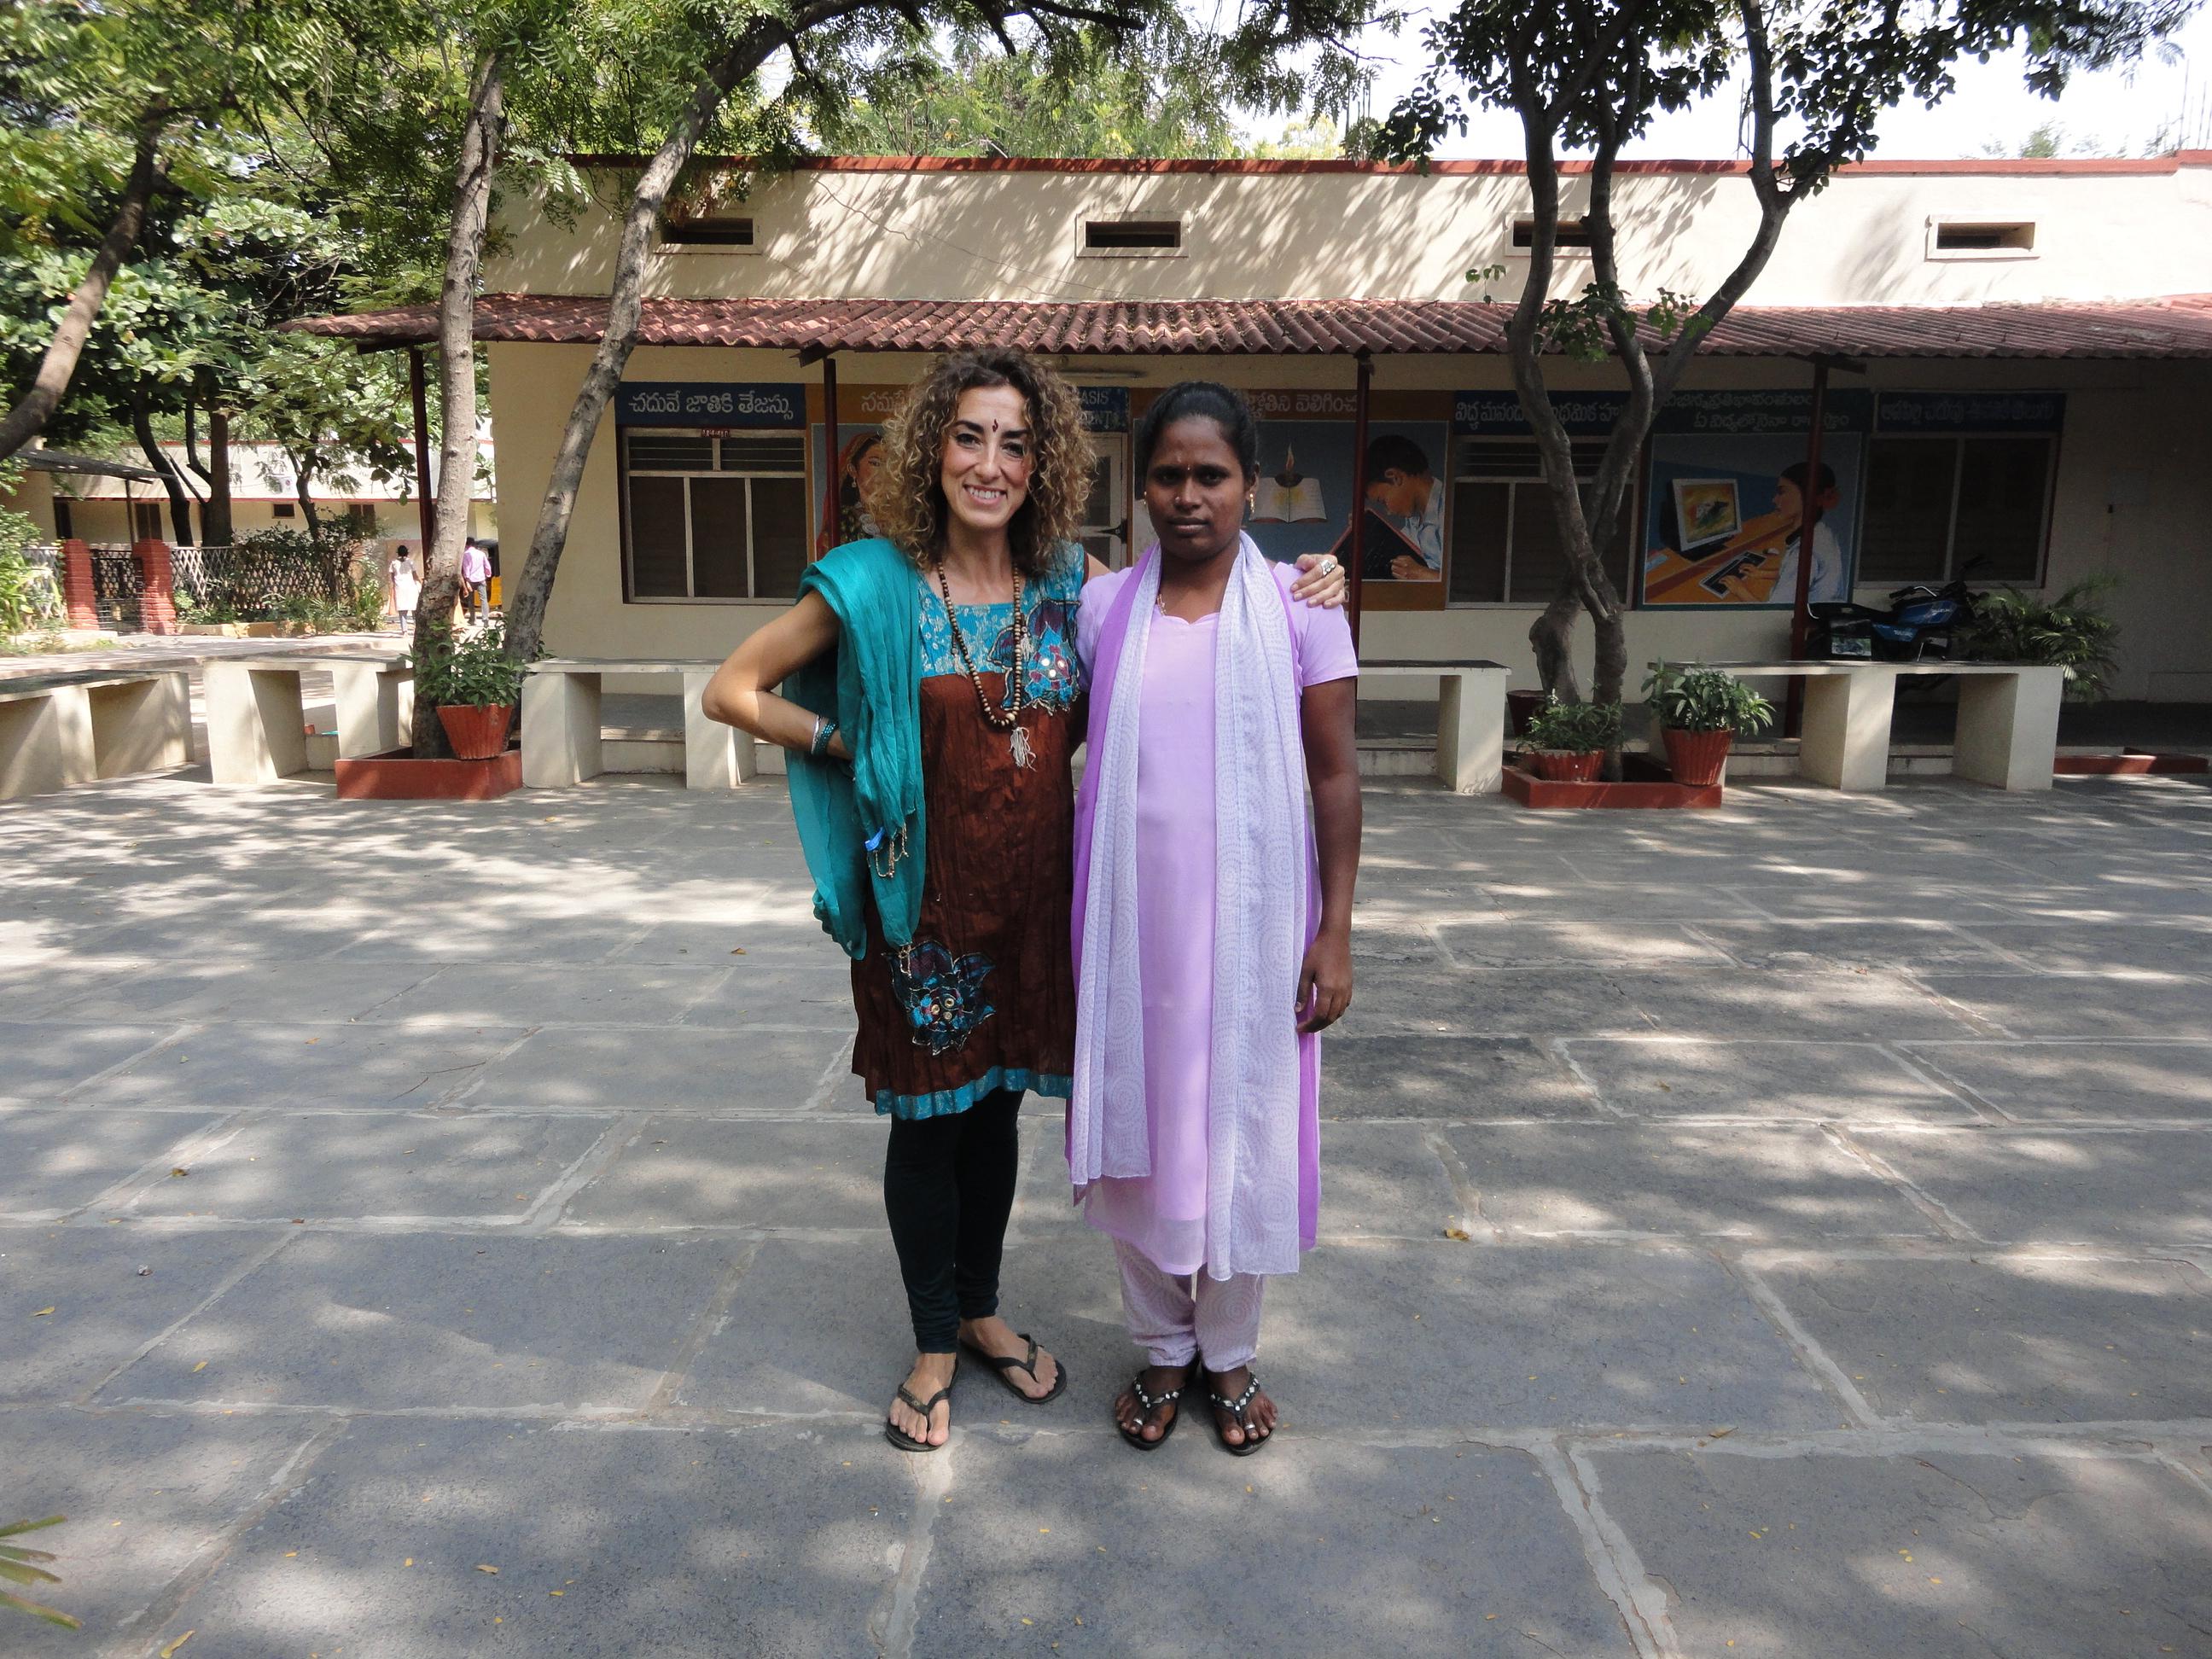 Trabajadora de la Fundación Vicente Ferrer en India